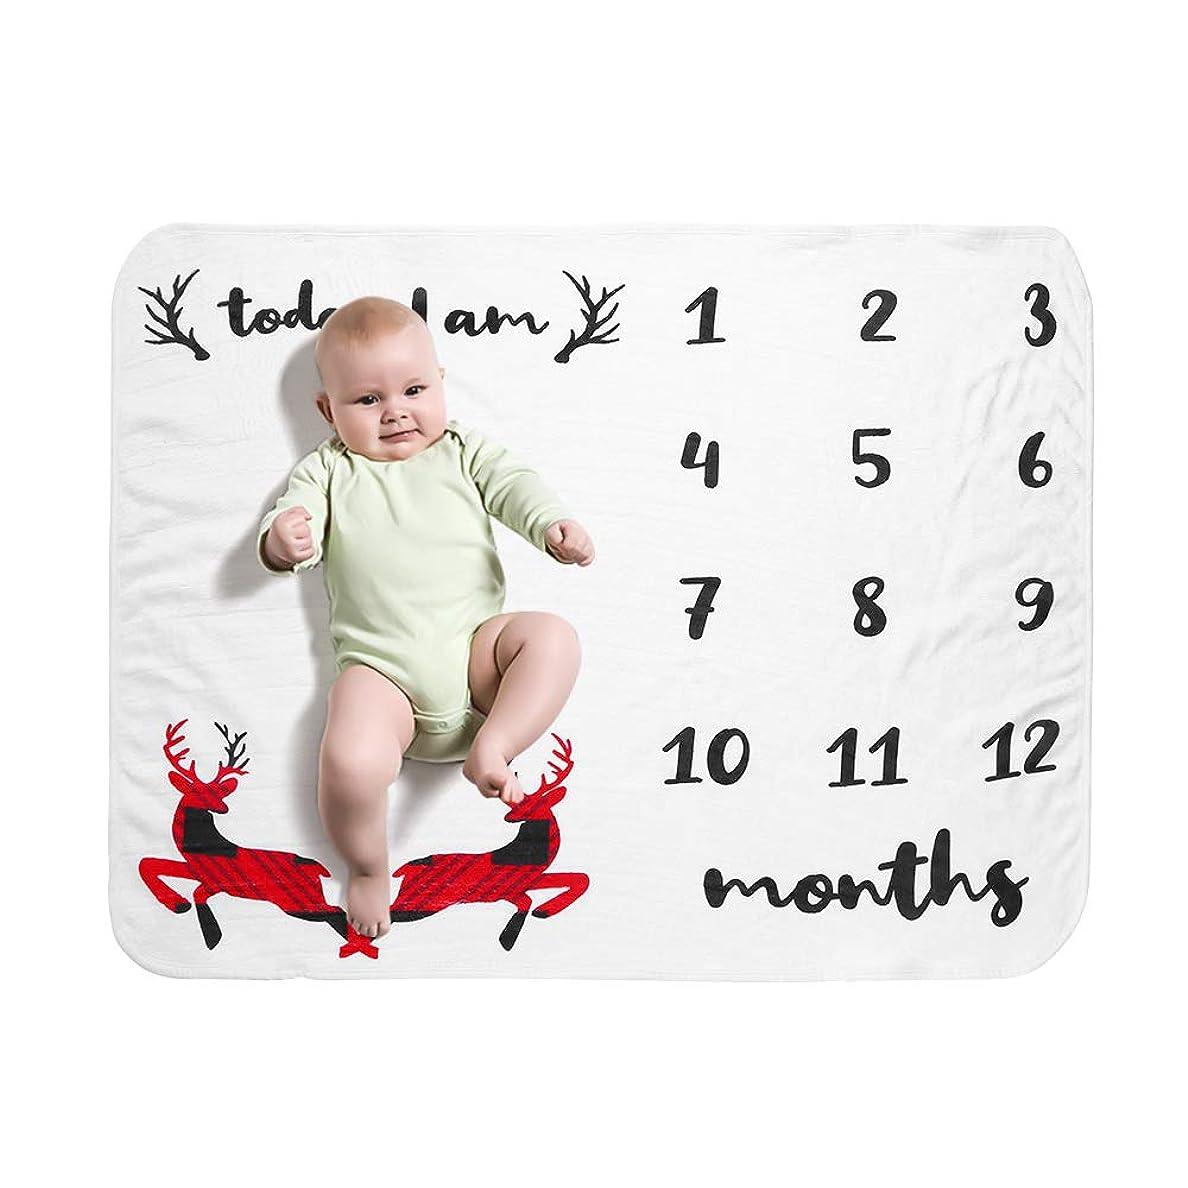 勝者仲間、同僚お尻Tickas赤ちゃん毎月のマイルストーンブランケットクリスマストナカイスタイルソフトフランネルブランケット写真画像小道具背景クリスマスギフト41 * 28inしわができません新生児幼児幼児